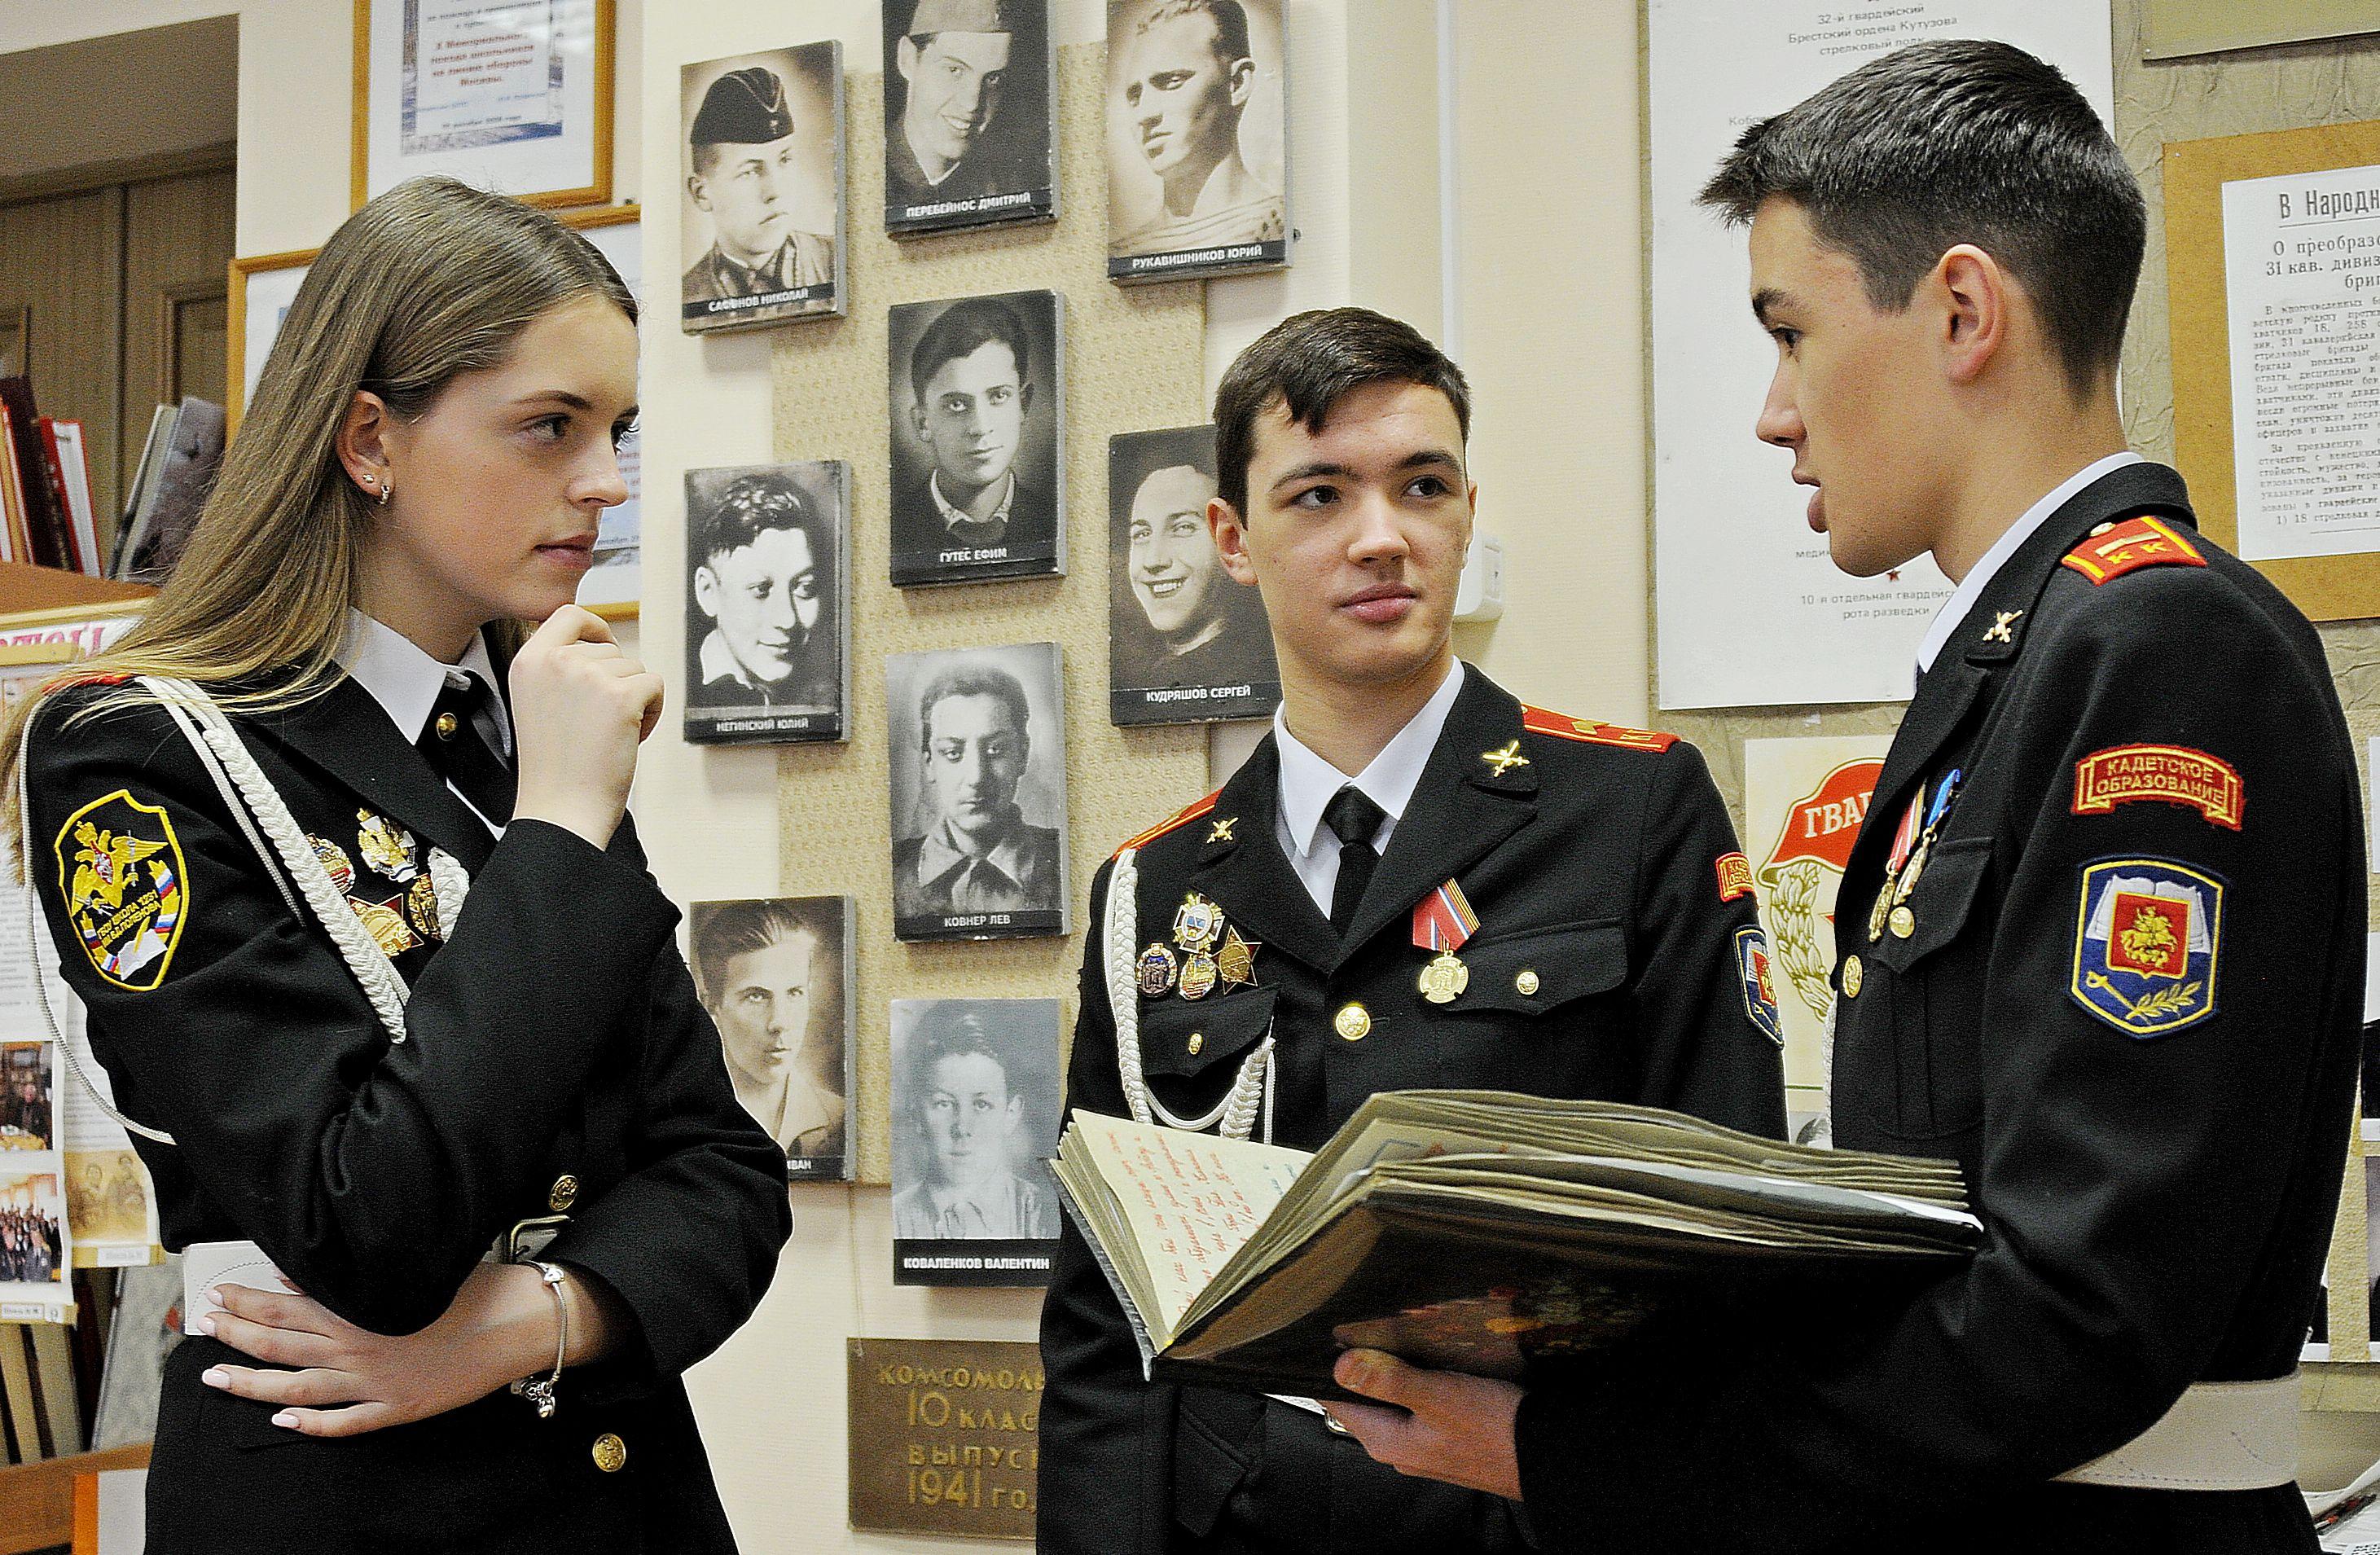 Ученики школы №2075 достигли высоких результатов на Всероссийском слете кадетских классов